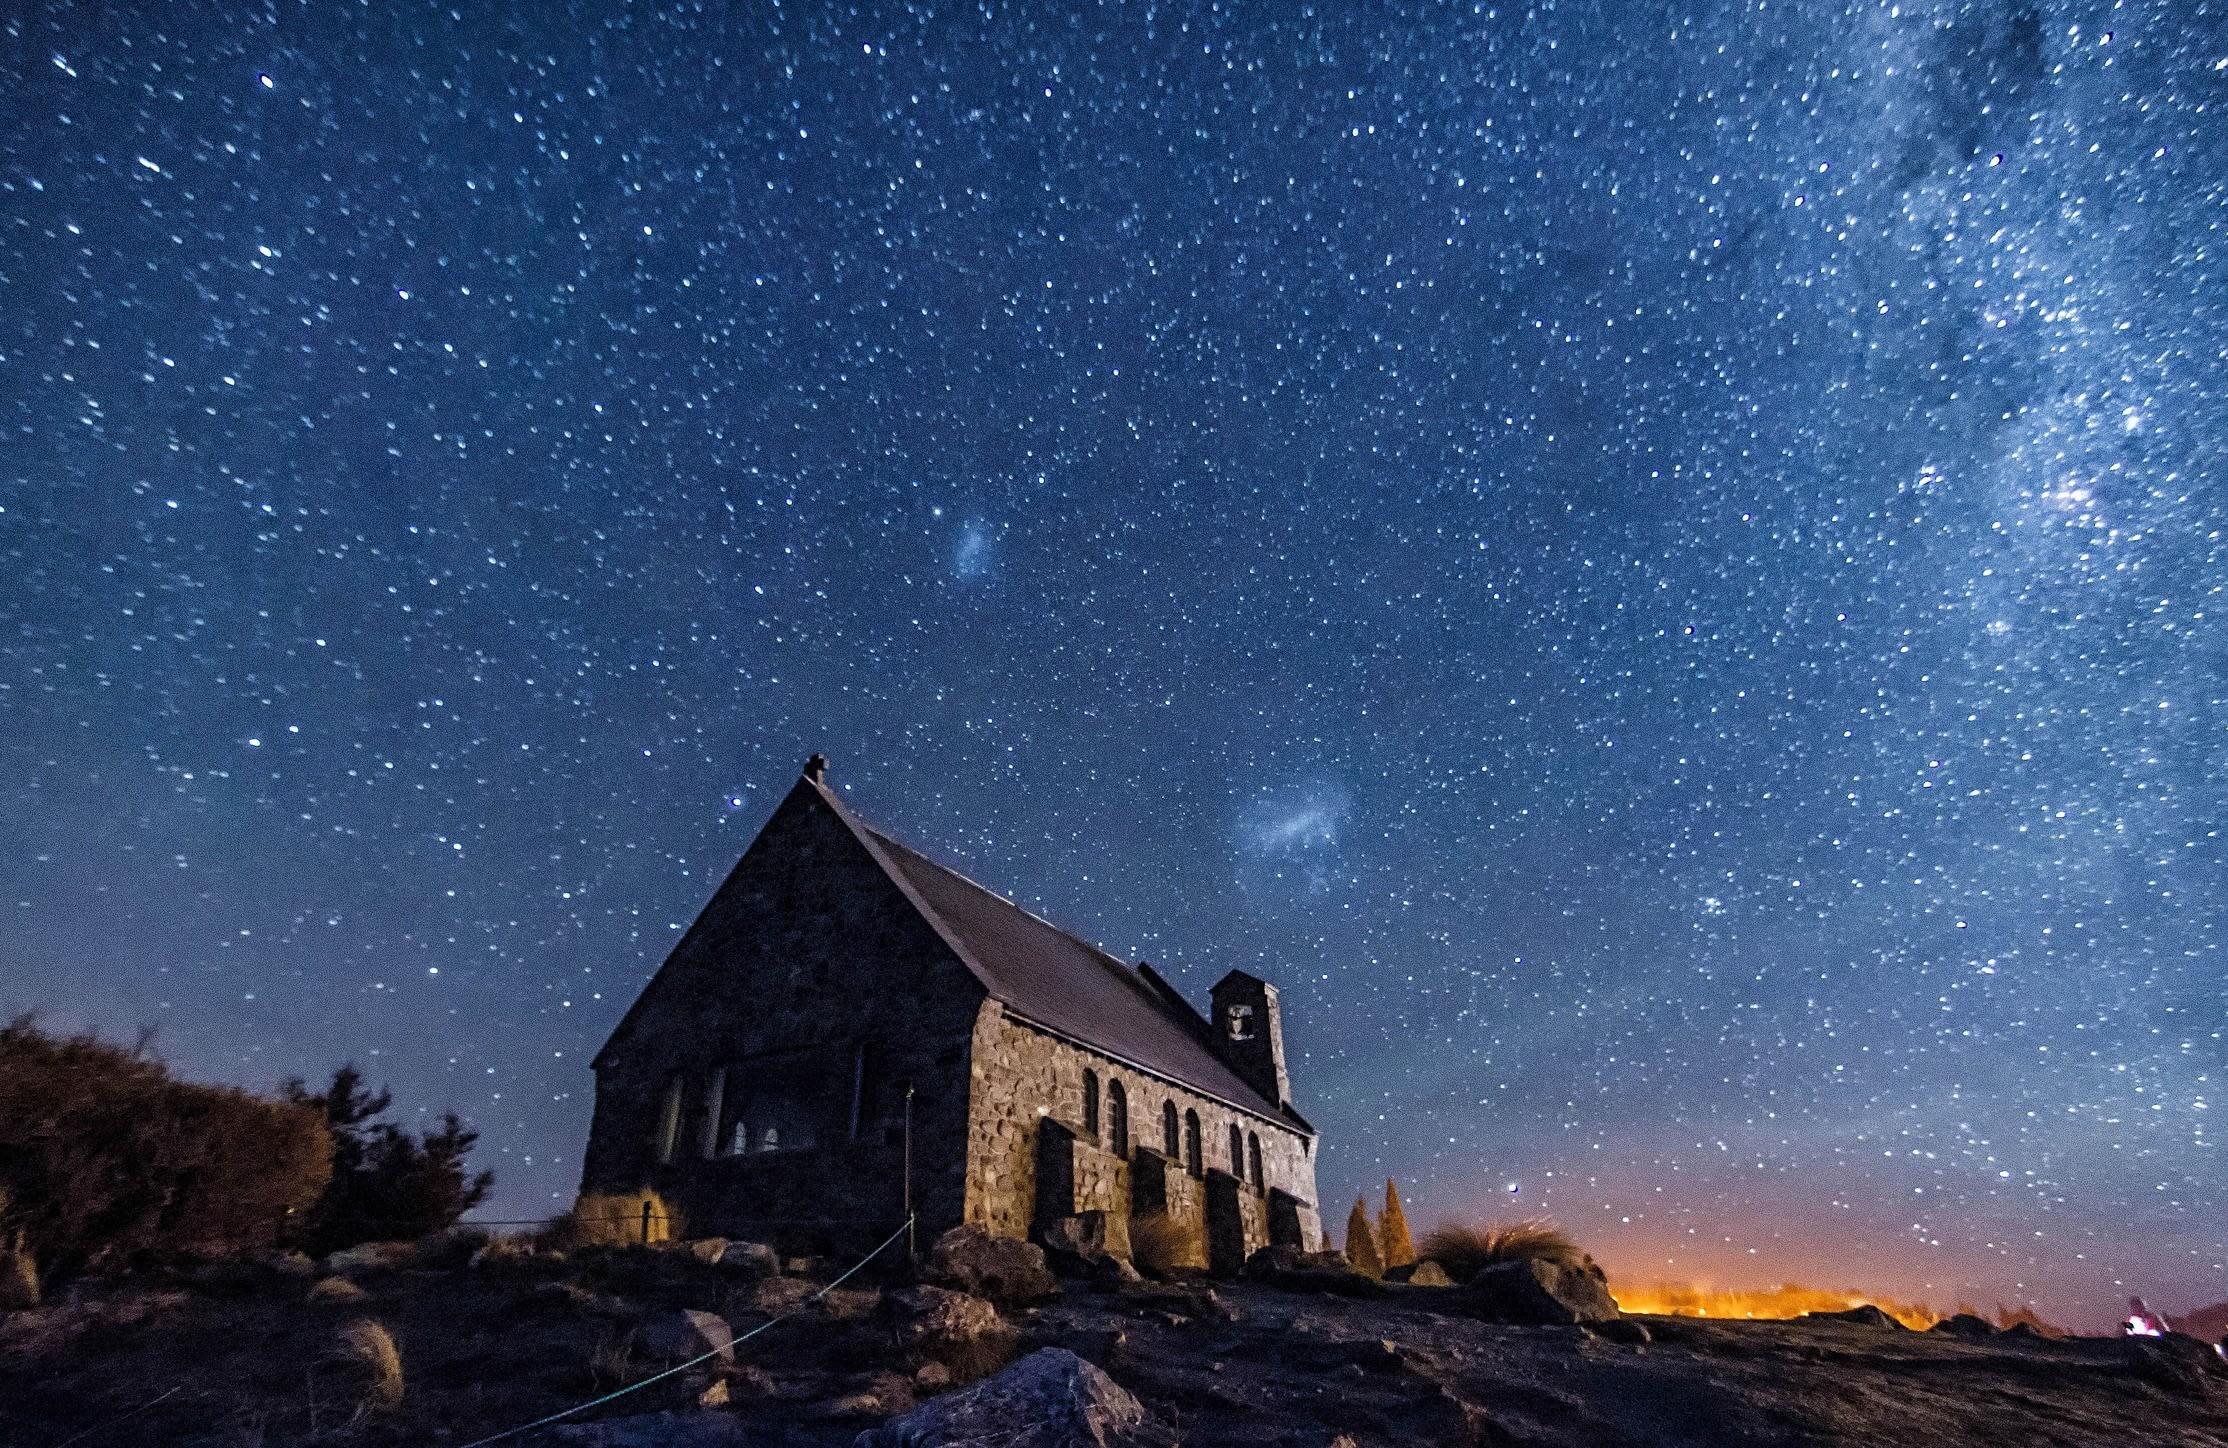 紐西蘭流星,圖片取自mackenzienz.com。